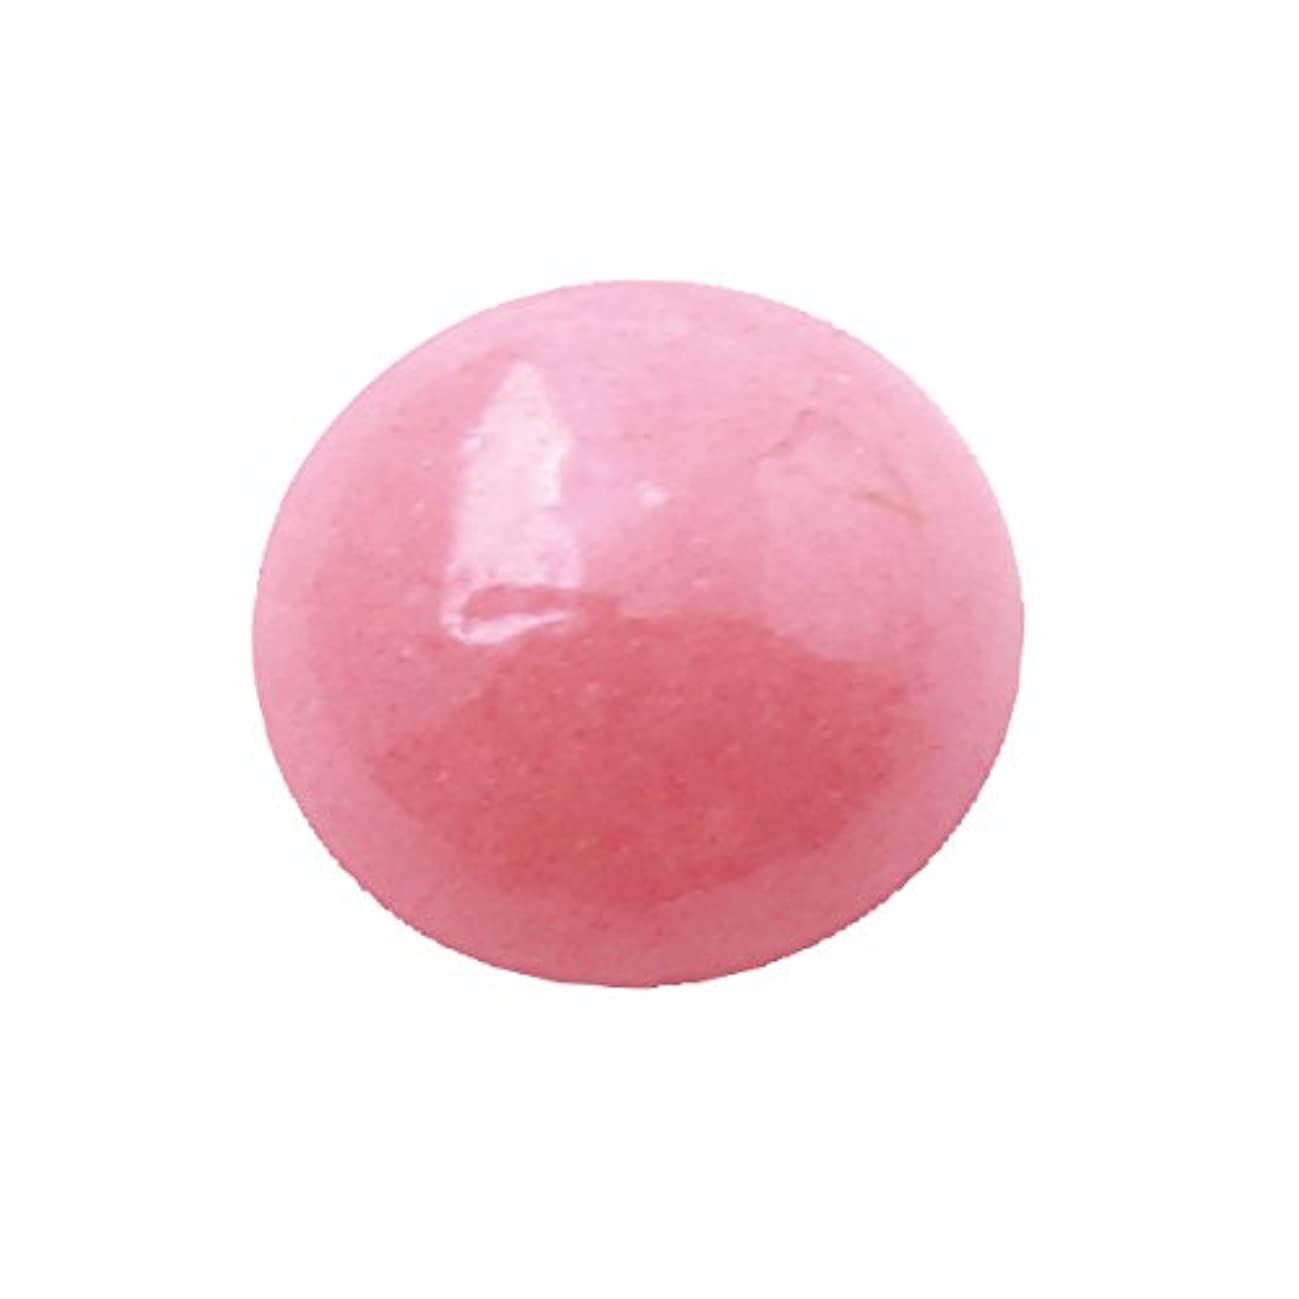 アクセサリー保護黒グラスパールラウンド 2mm(各50個)(ストーン ネイルアート ネイル用品)ピンク